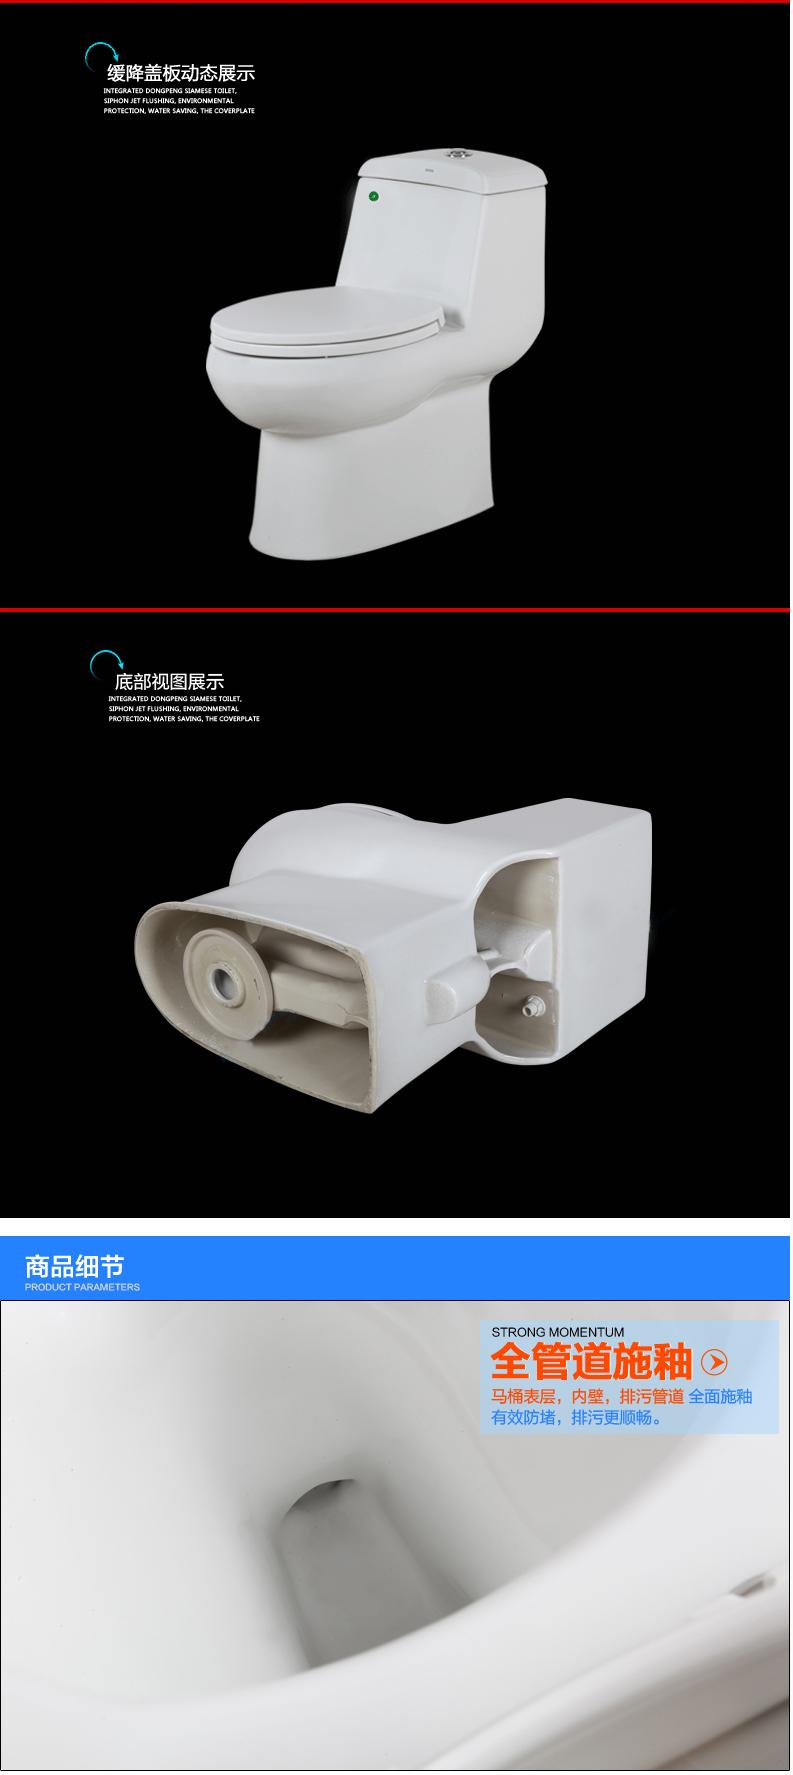 中宇 JOYOU 马桶连体式静音座便器超漩式虹吸排污舒洁釉面上按两段式陶瓷座坐便器地排300MM 400MM 400MM